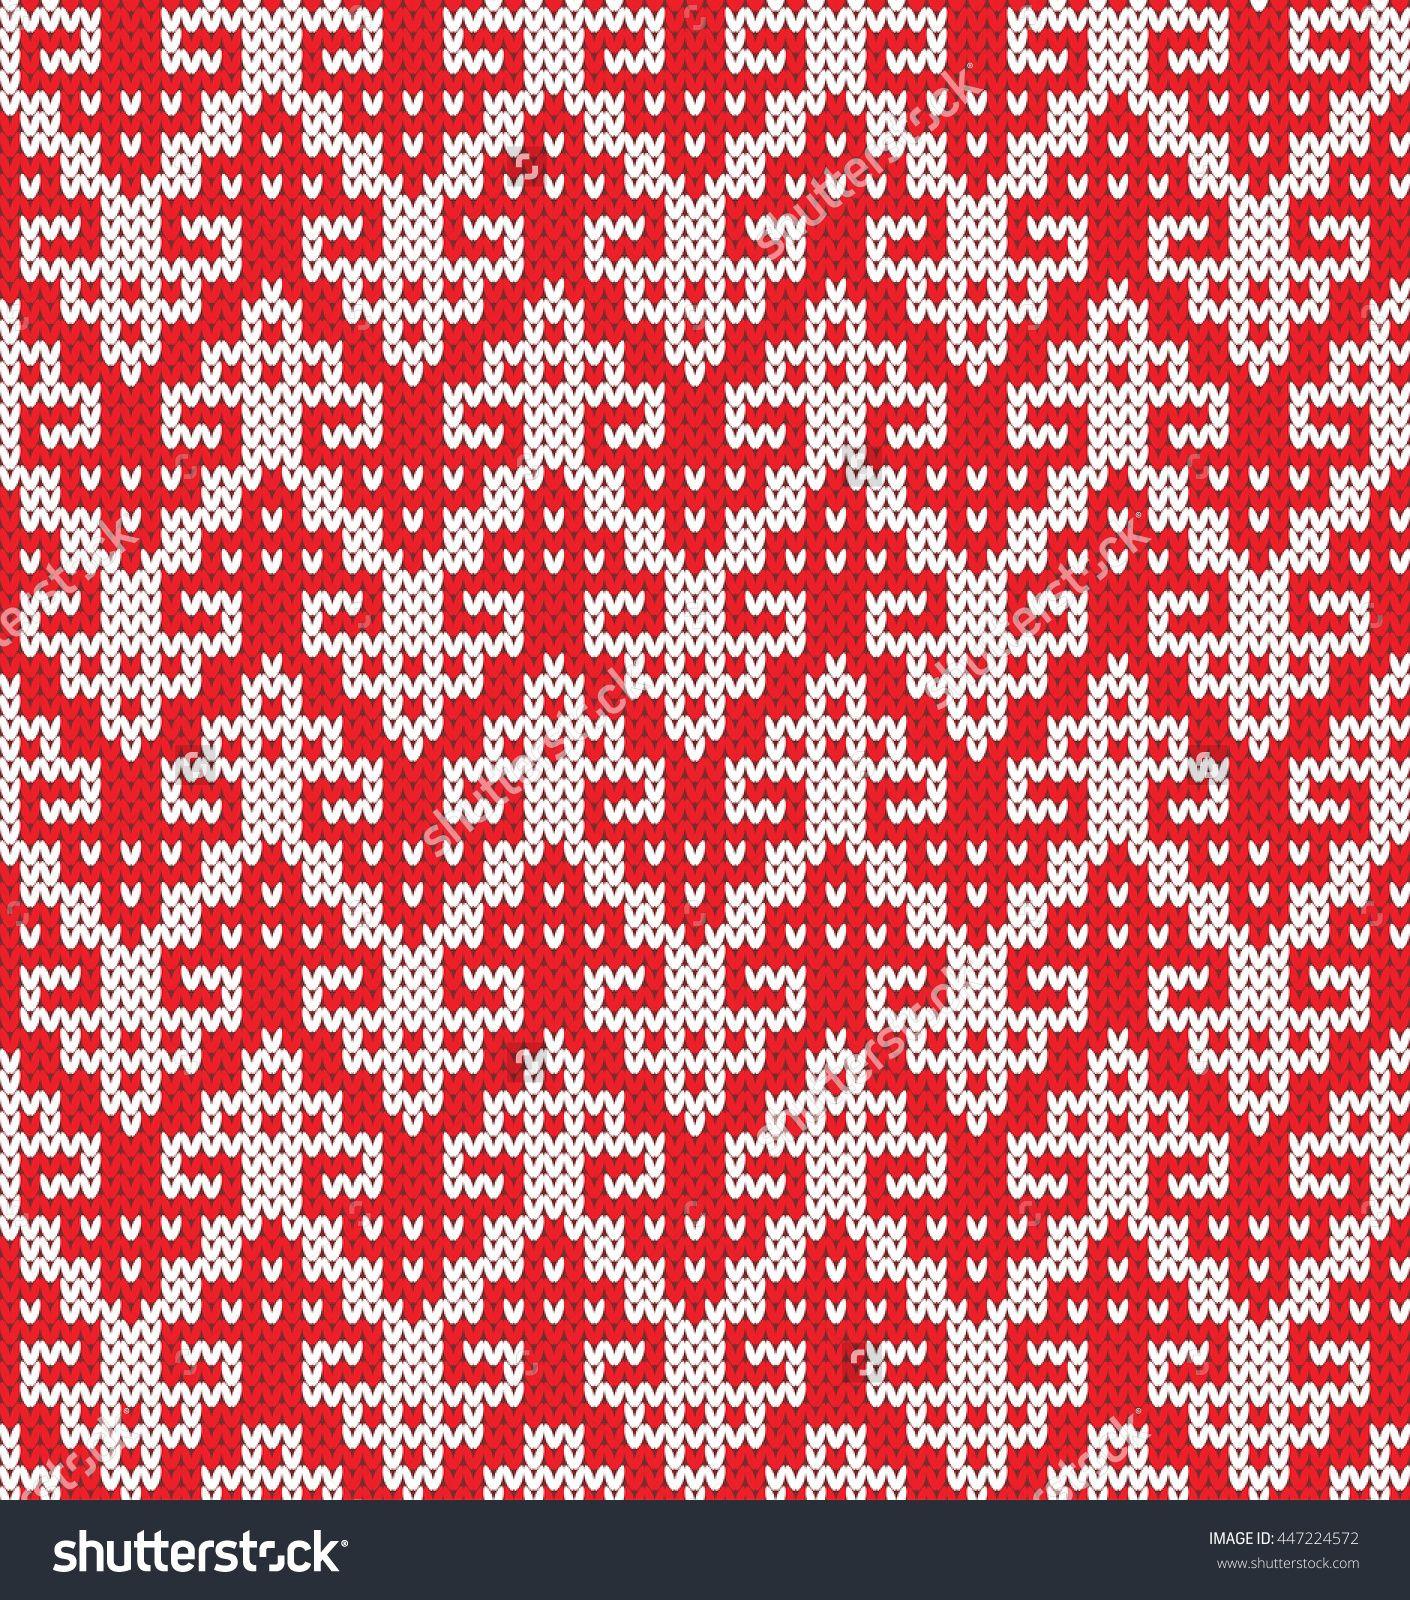 1410x1600 Jacquard Fairisle Wool Seamless Knitting Pattern Druty